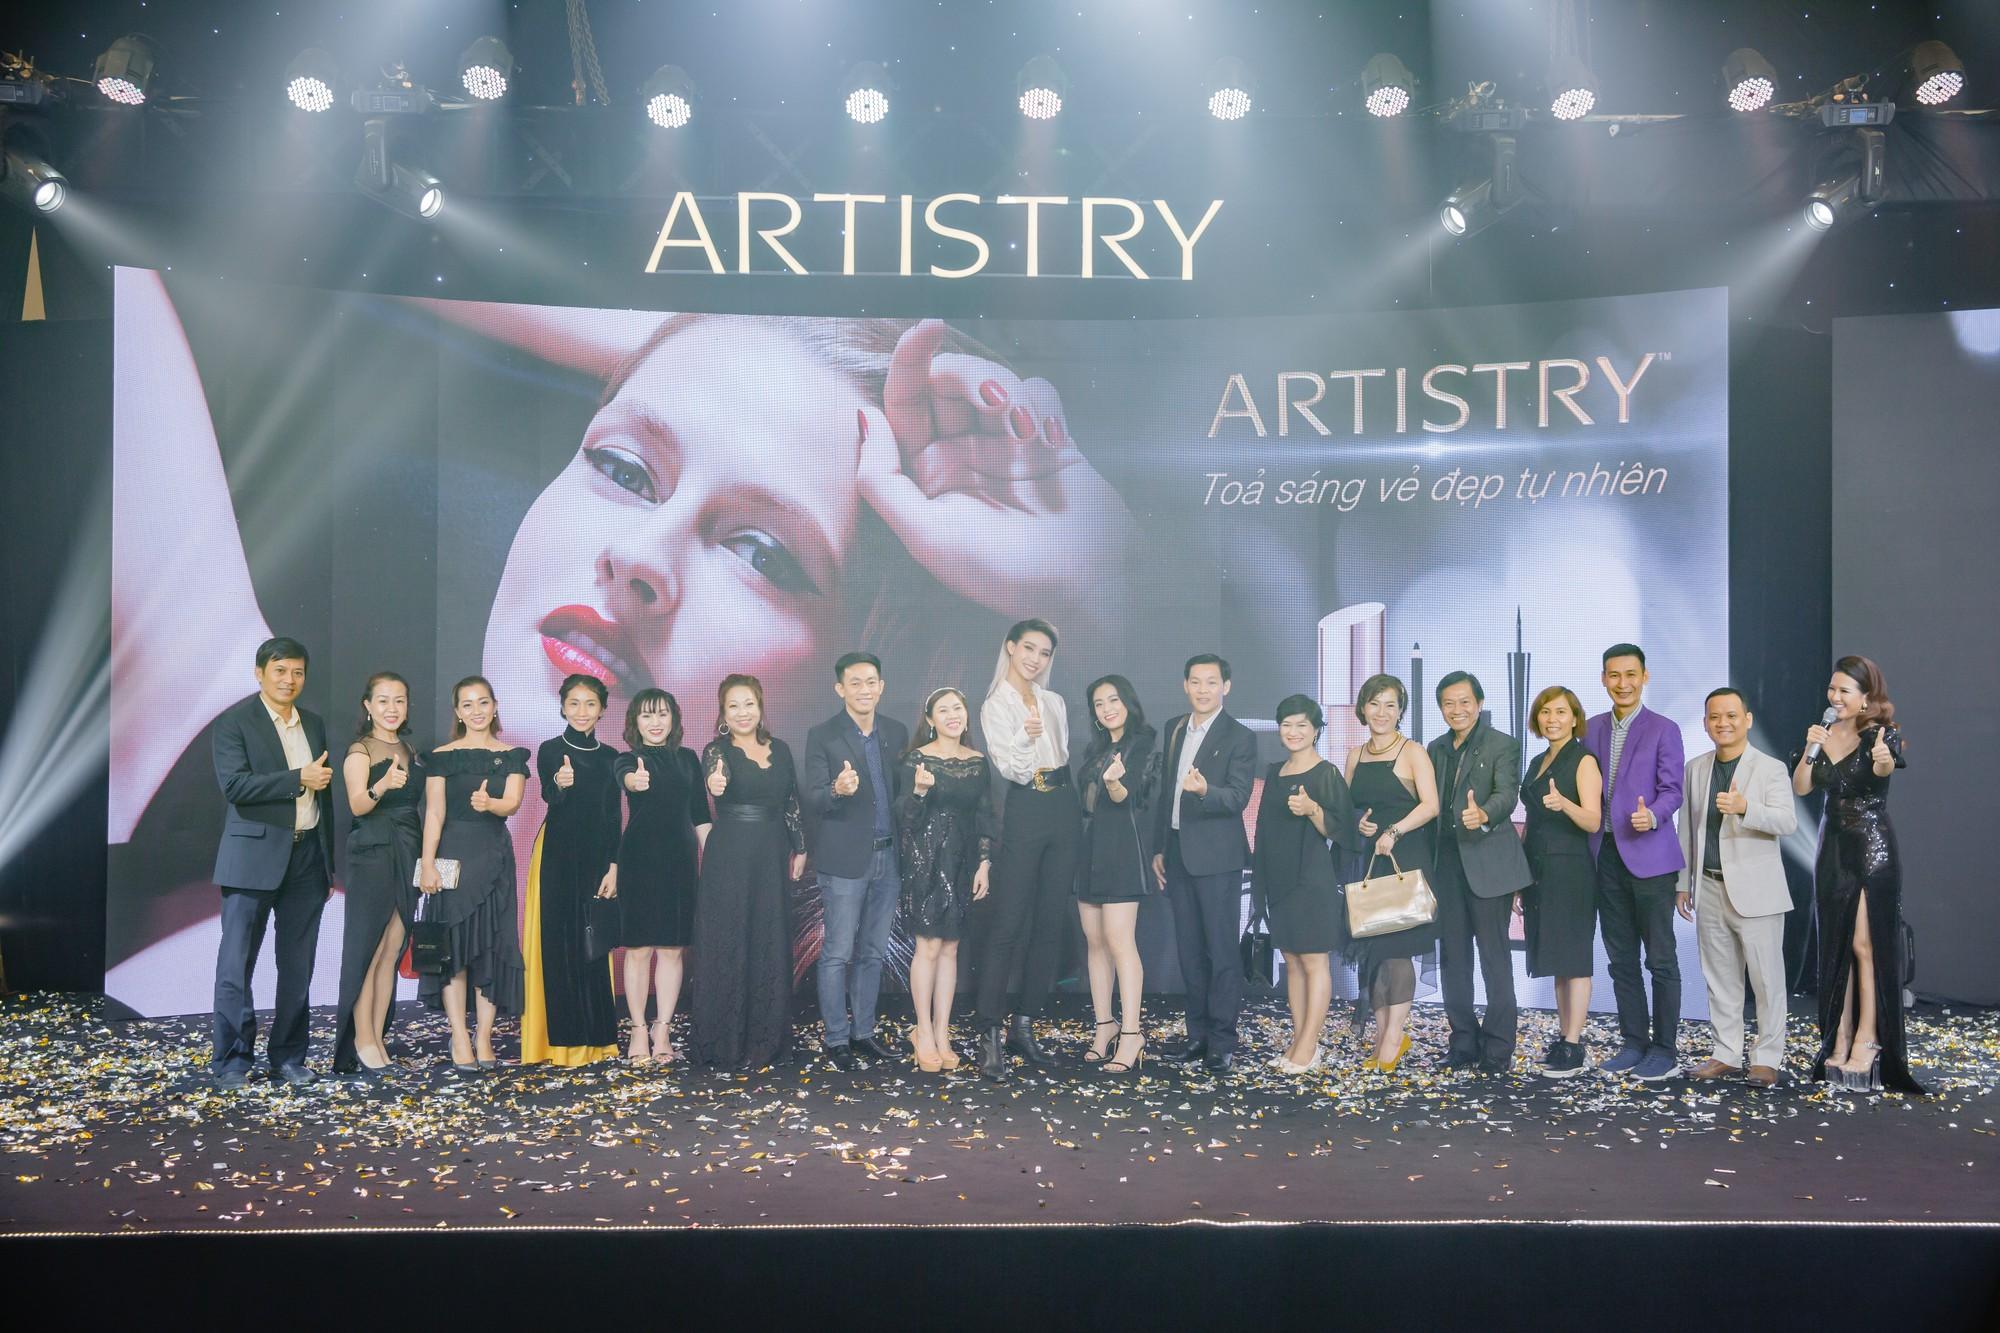 Artistry cùng phụ nữ Việt tỏa sáng vẻ đẹp tự nhiên - Ảnh 3.